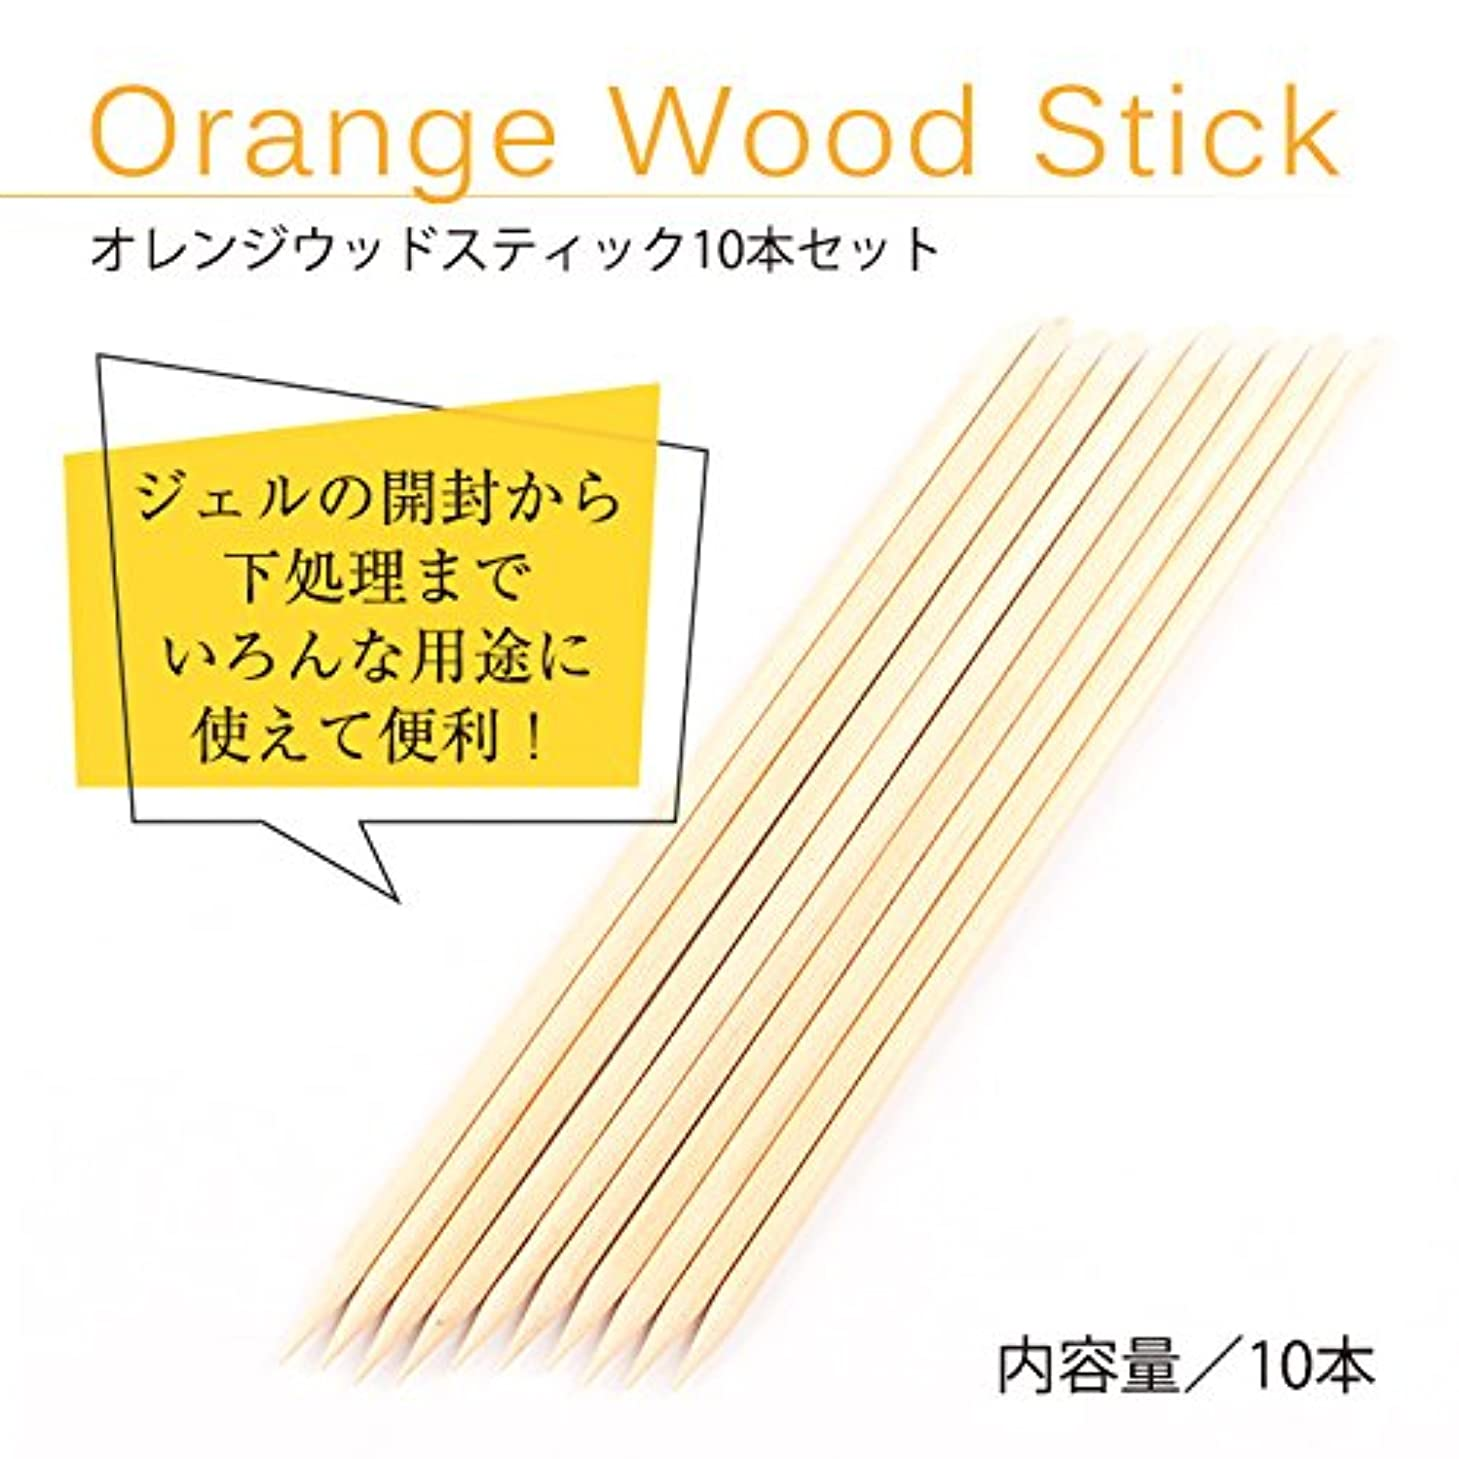 縮約見ました批評オレンジ ウッドスティック 10本セット ジェルネイル